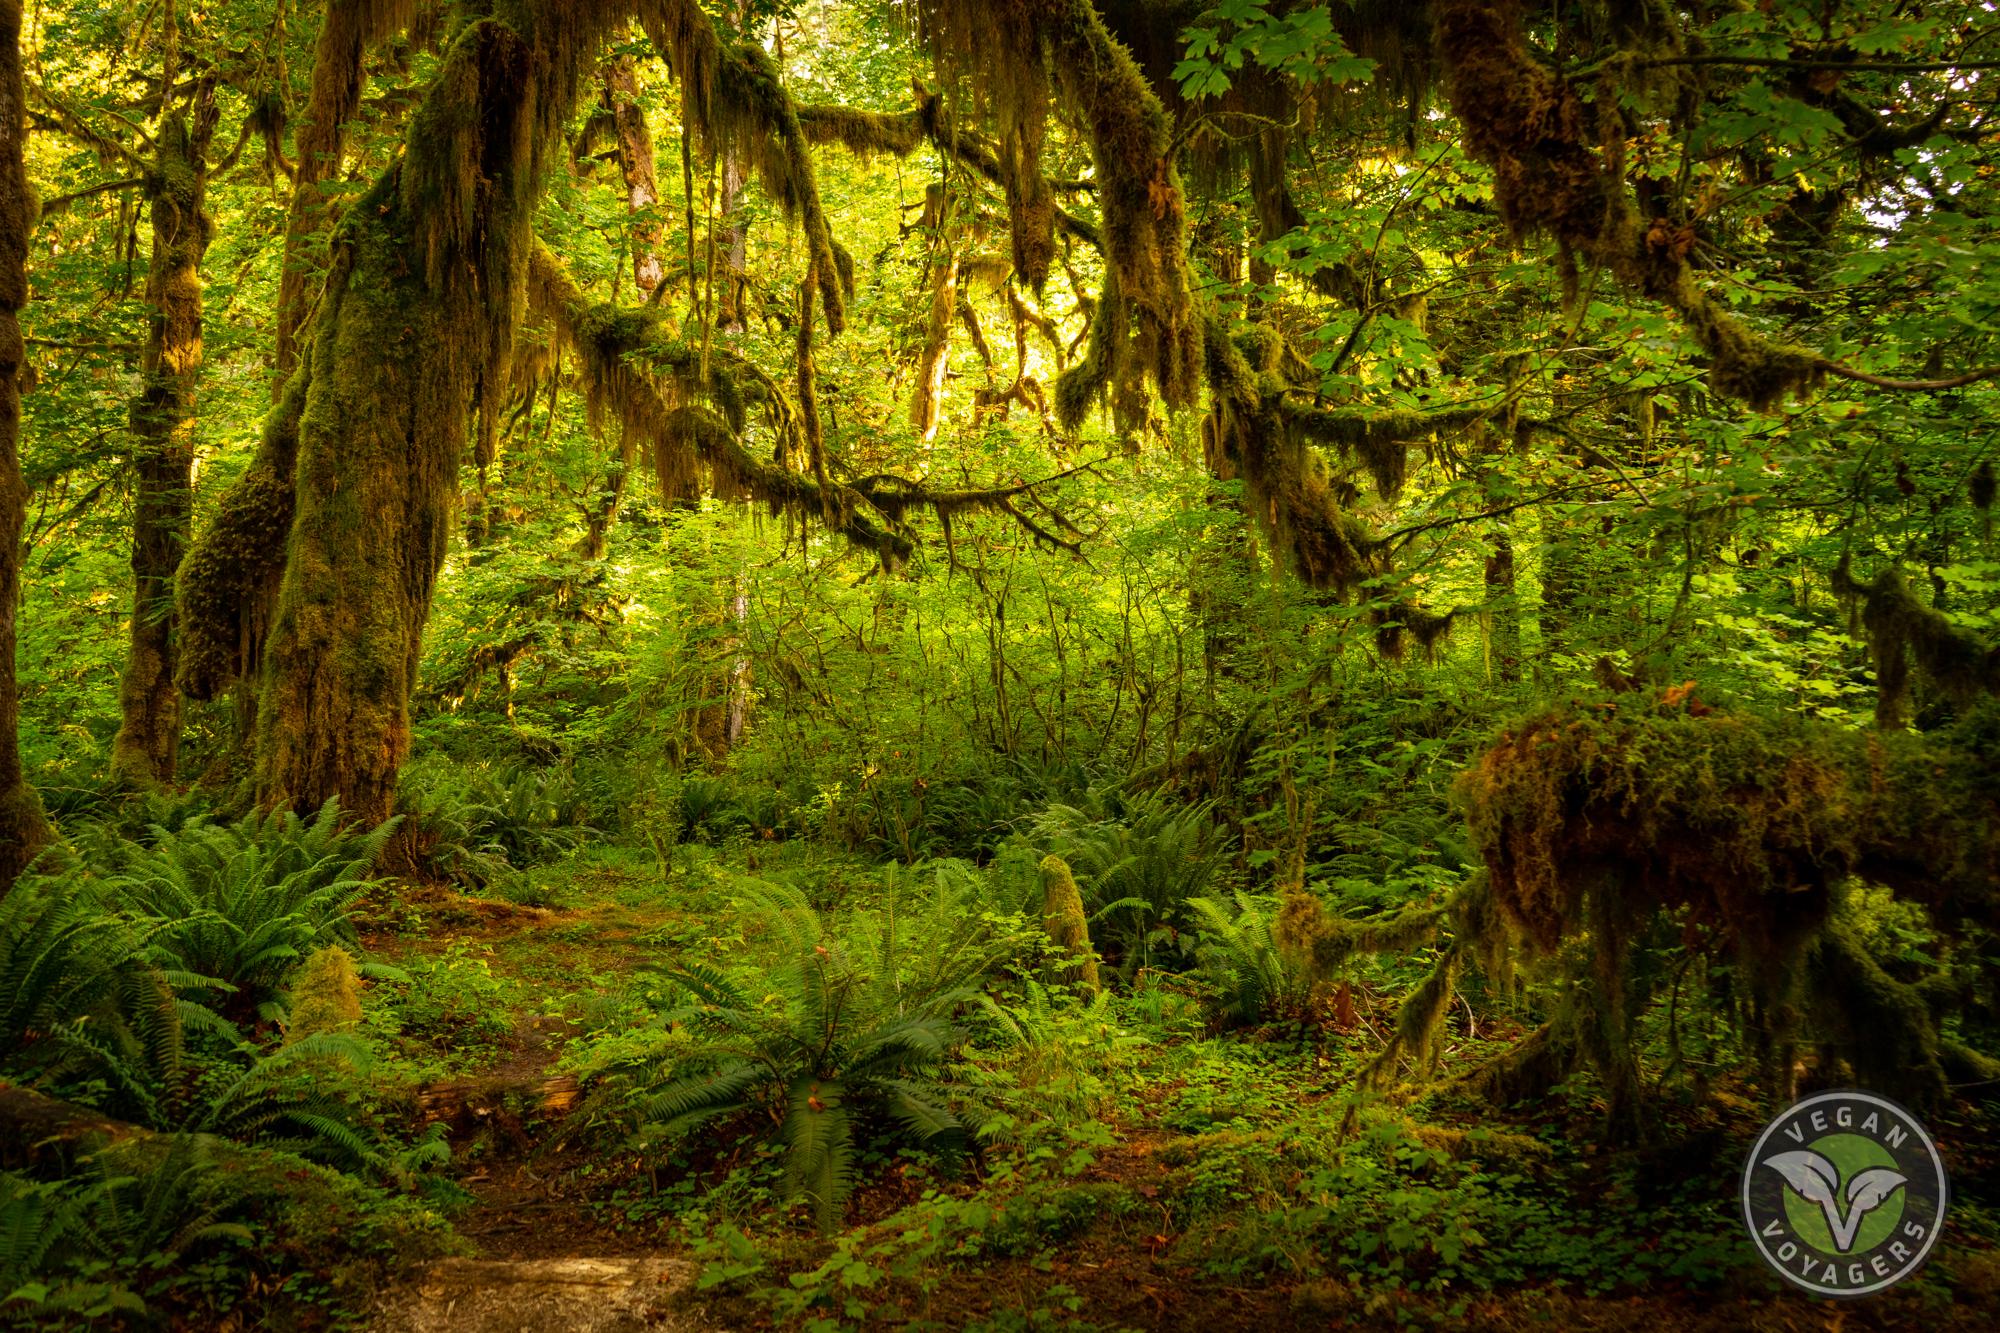 Hoh Rainforest | 10 Unique Landscapes to Visit on a West Coast Road Trip